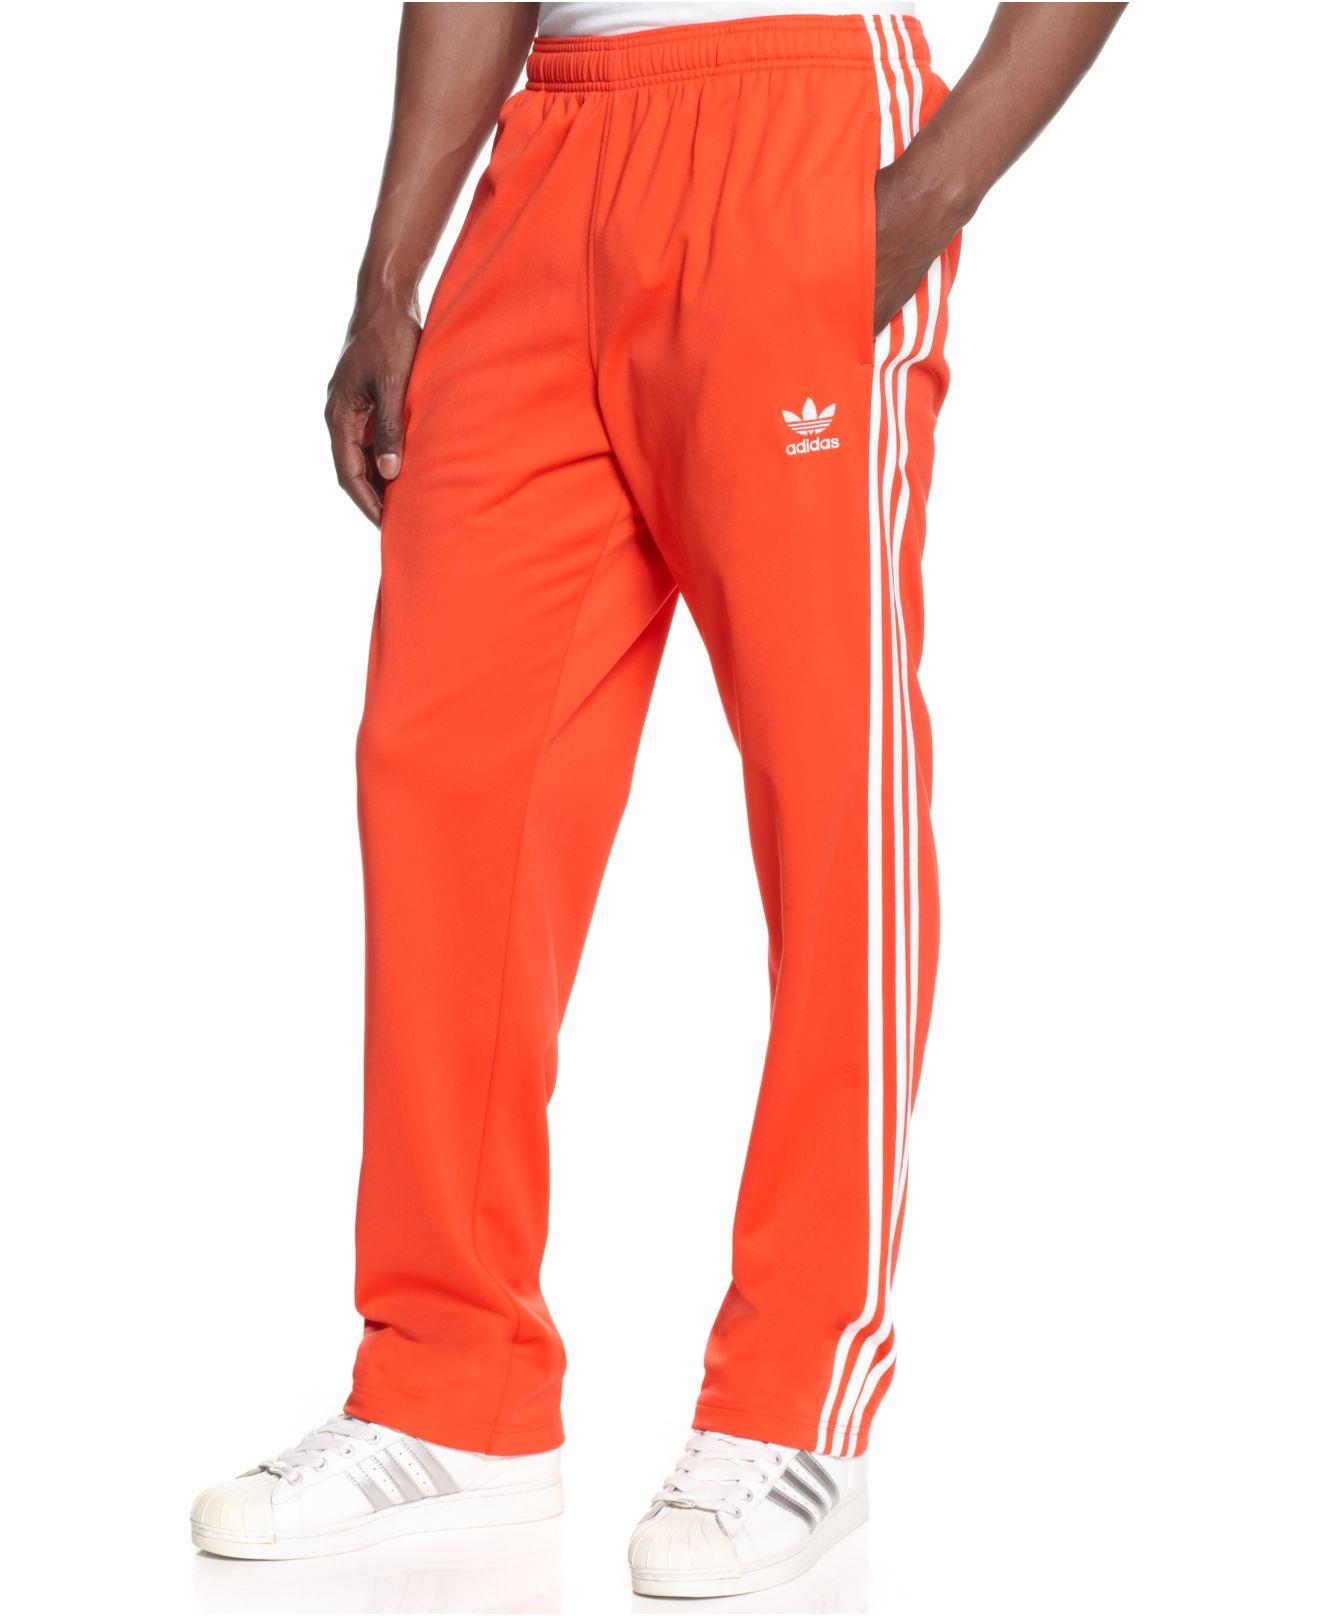 adidas originals dragon pants